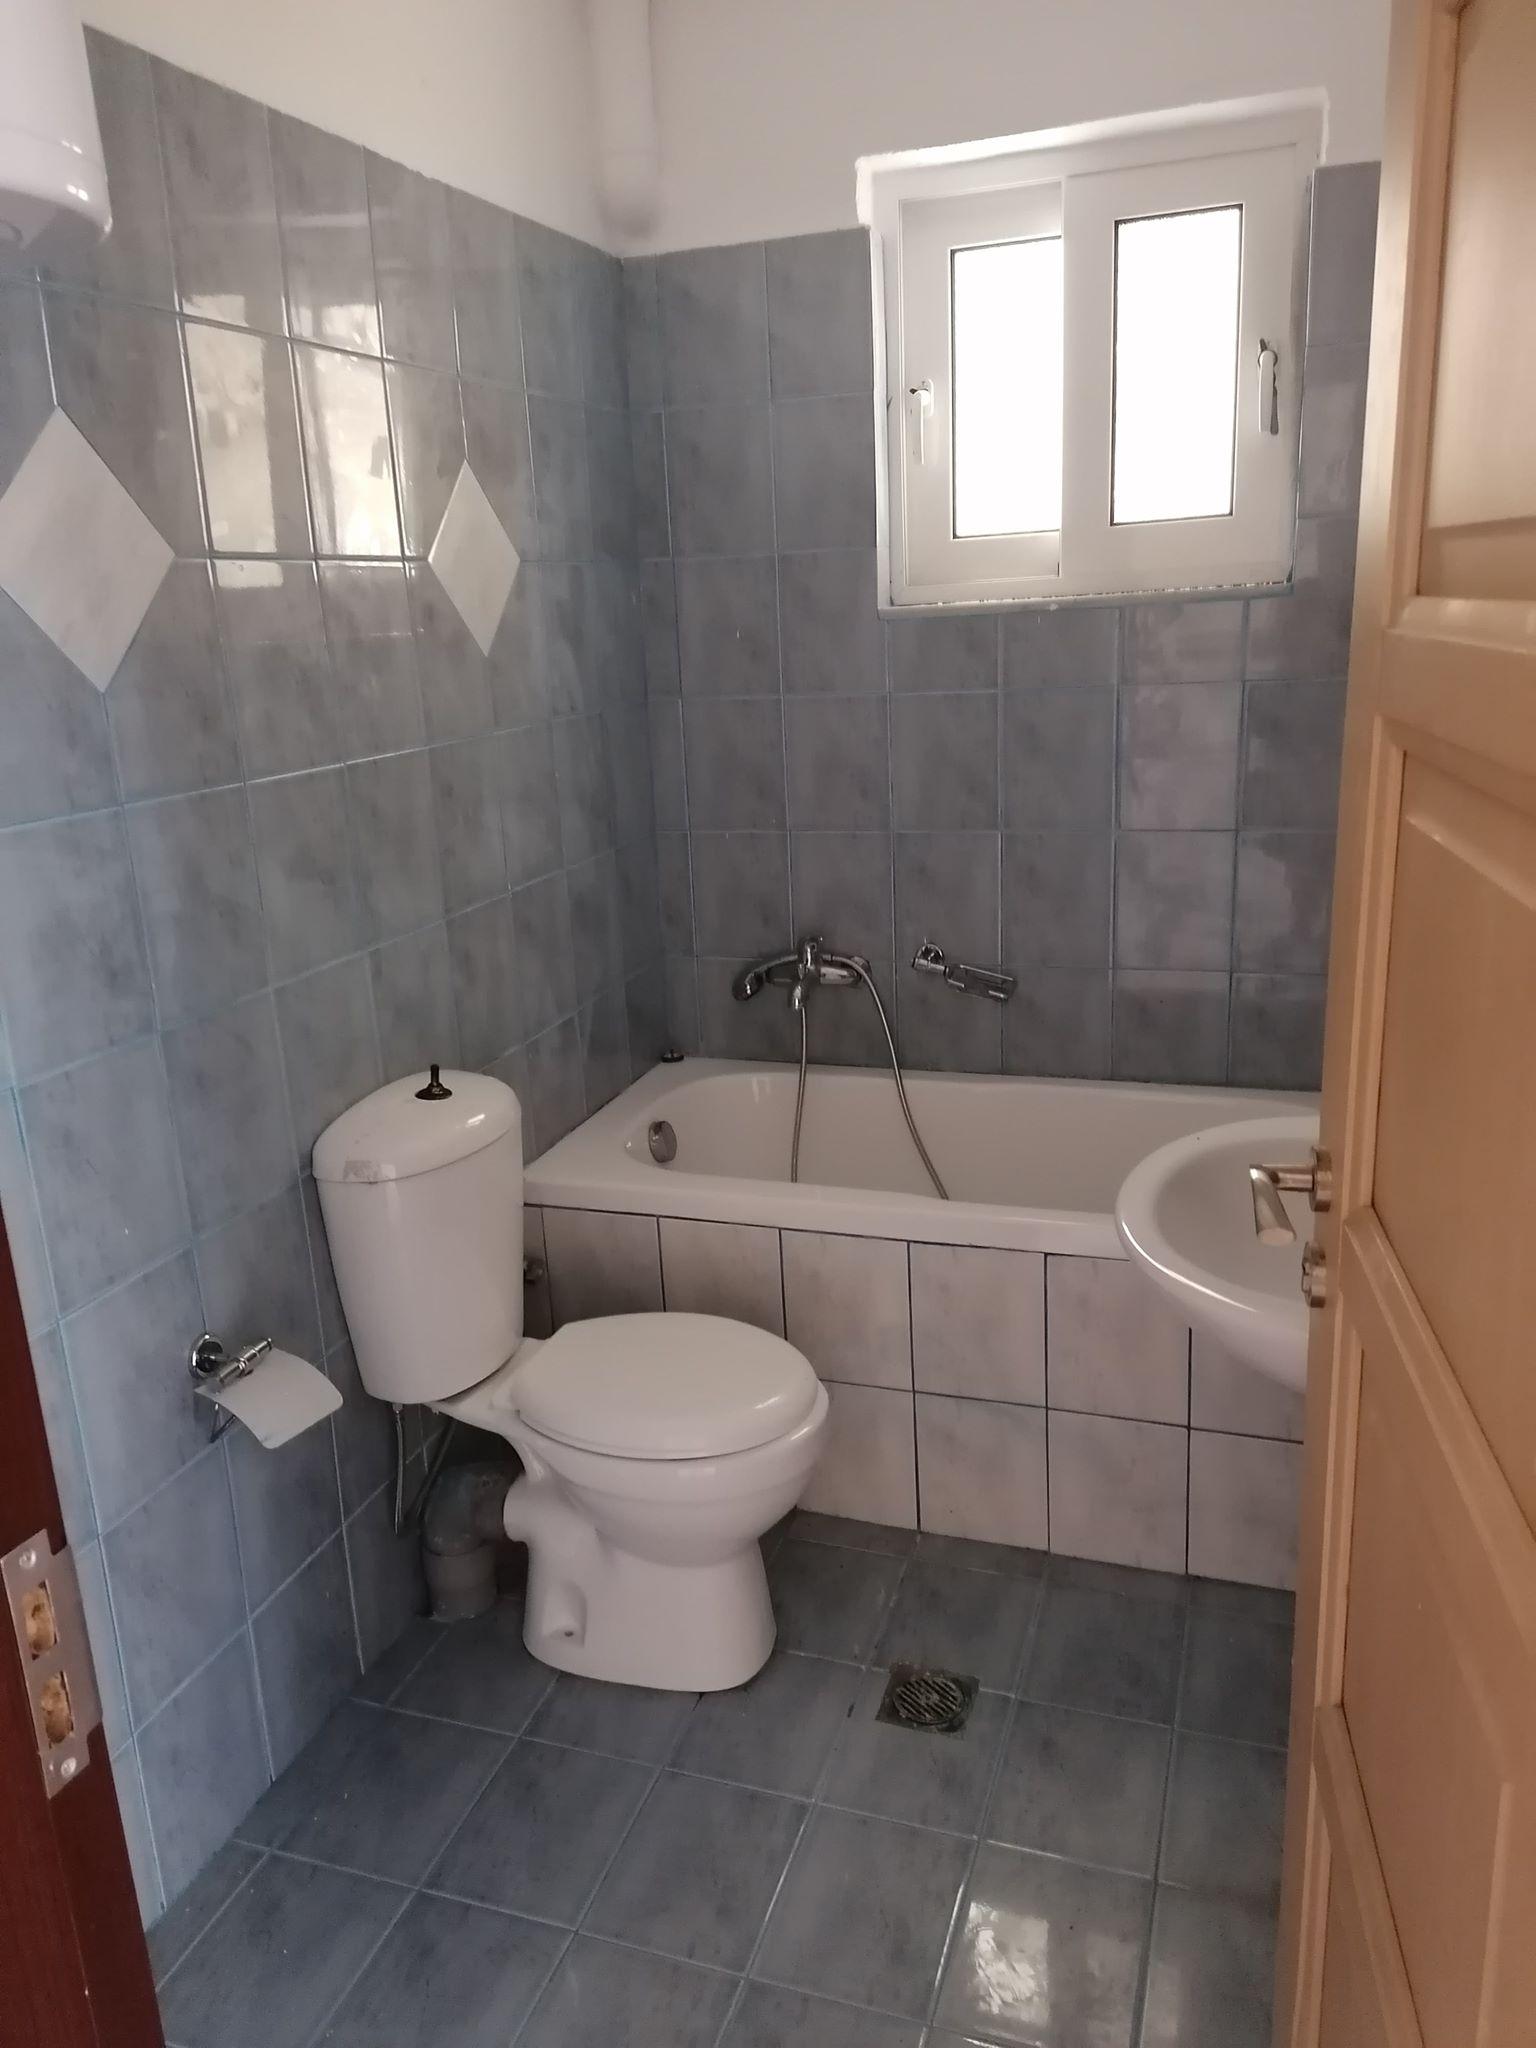 Πωλείται διαμέρισμα 45τμ στο Μεσολόγγι